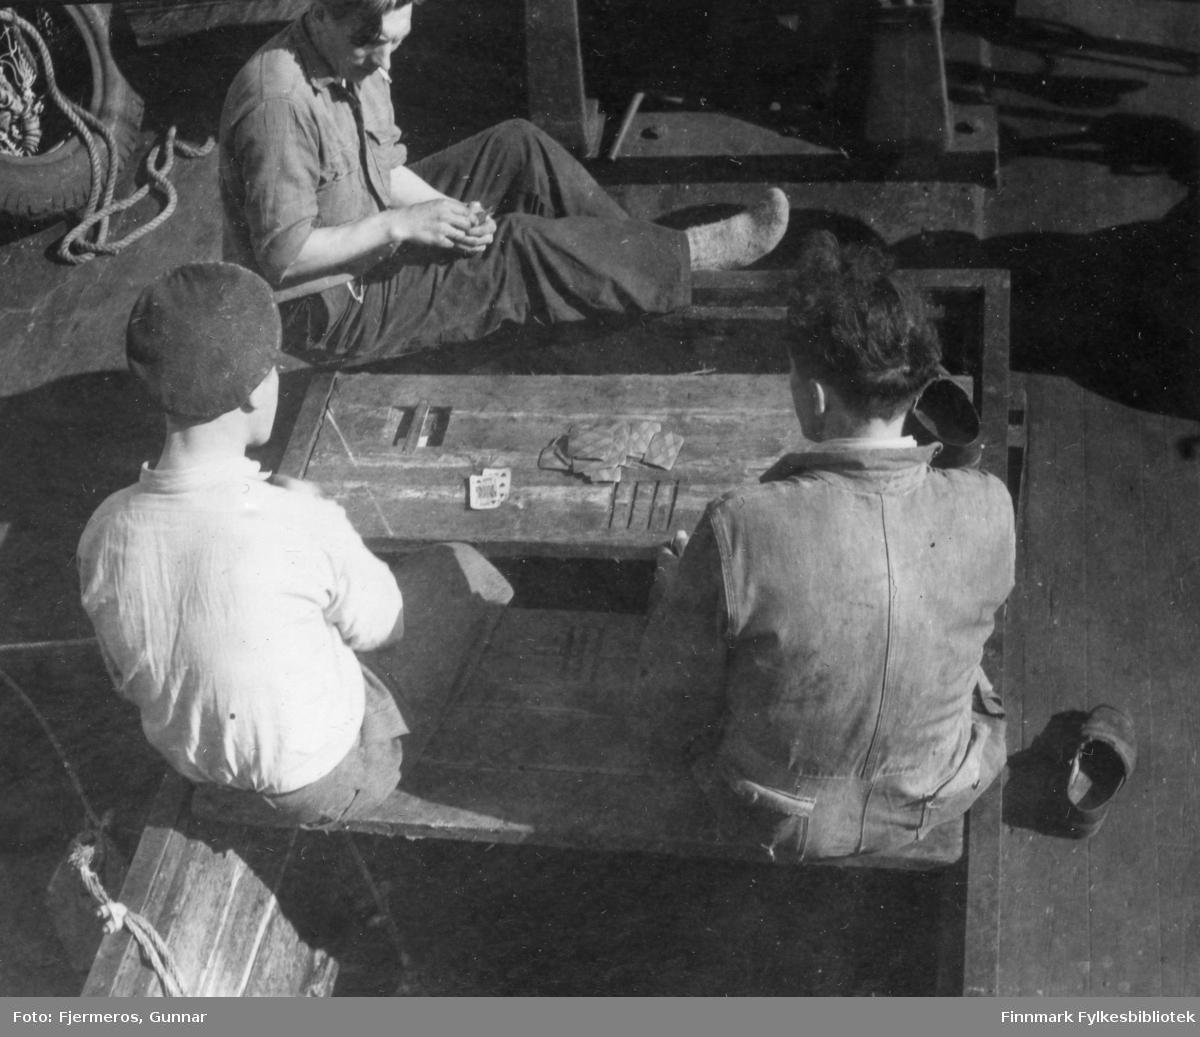 Tre unge menn sitter på dekket til en fiskeskøyte og spiller kort. Menn og båt er ukjent, men bildet er tatt i Laksefjorden våren 1948.